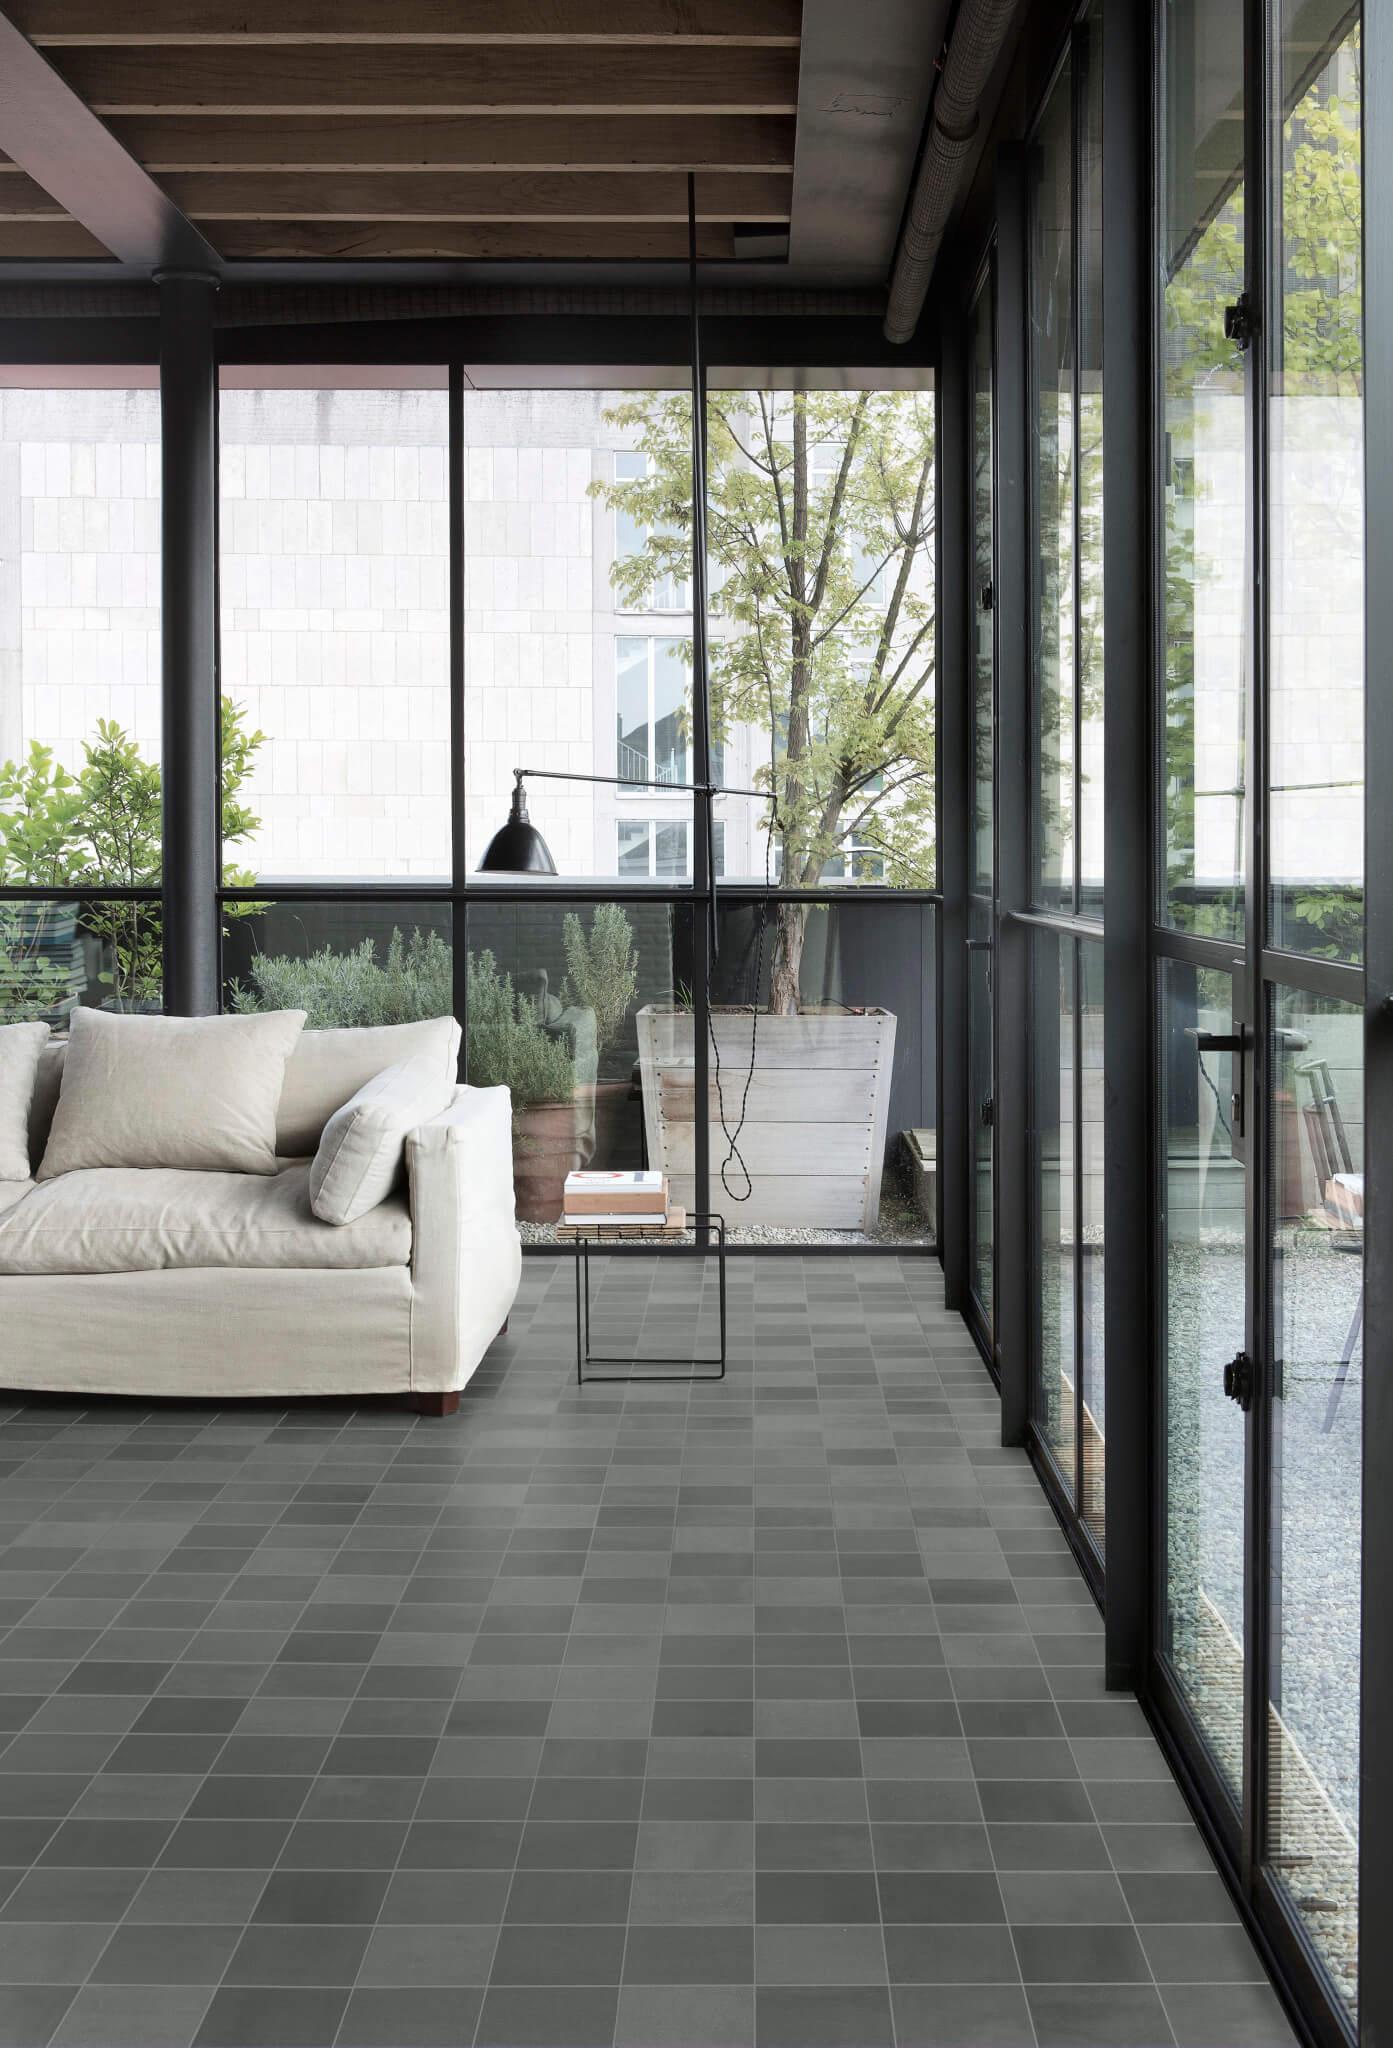 Vloertegels voor industrieel interieur - Gilbo tegels